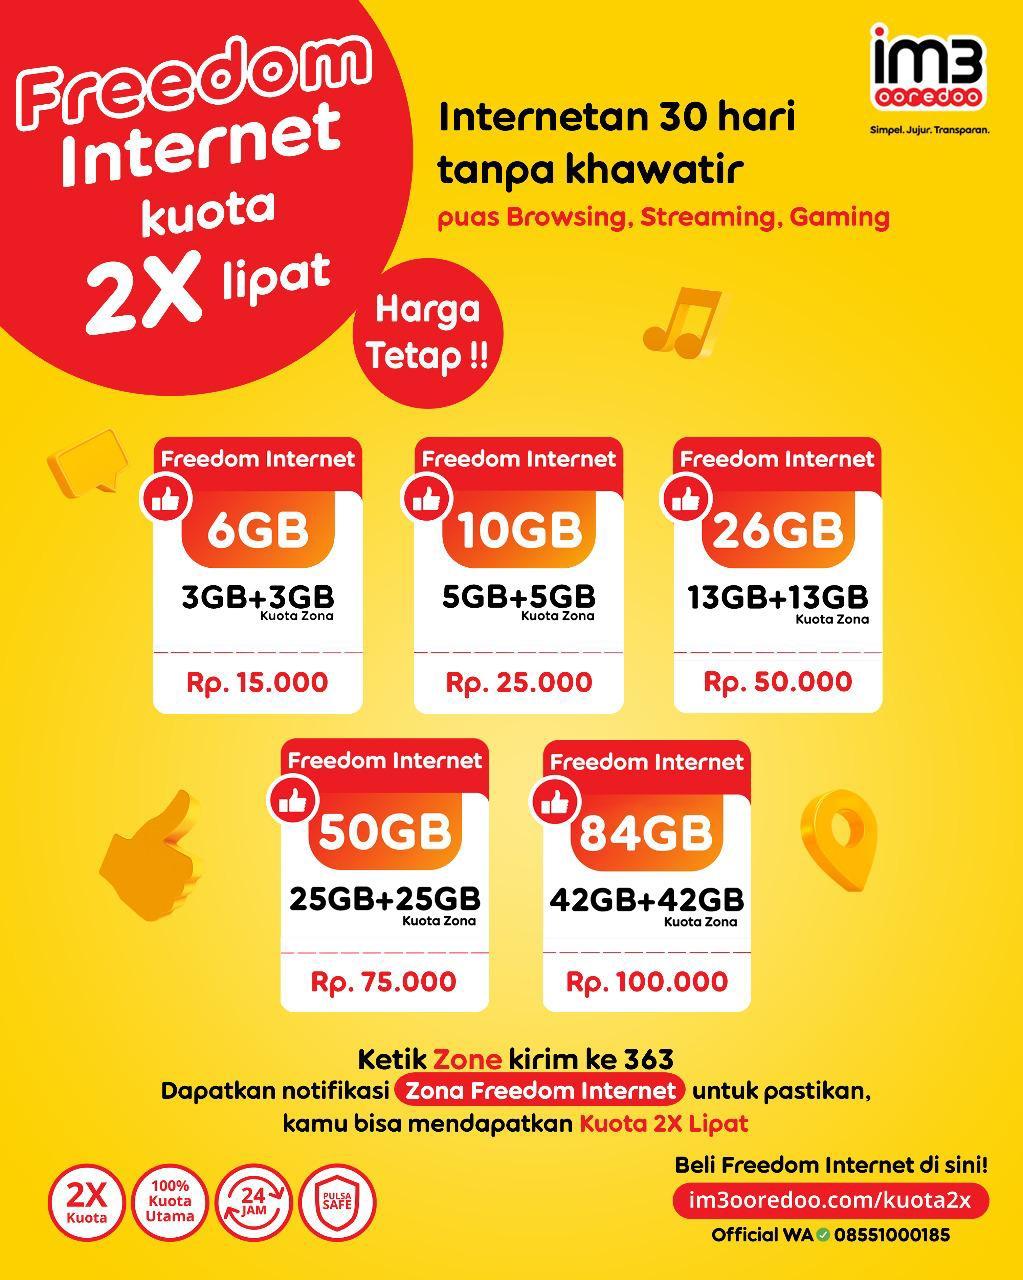 Indosat Ooredoo terus meningkatkan kualitas jaringan dengan menambah dan memodernisasi semua jaringan ke jaringan 4G Plus.